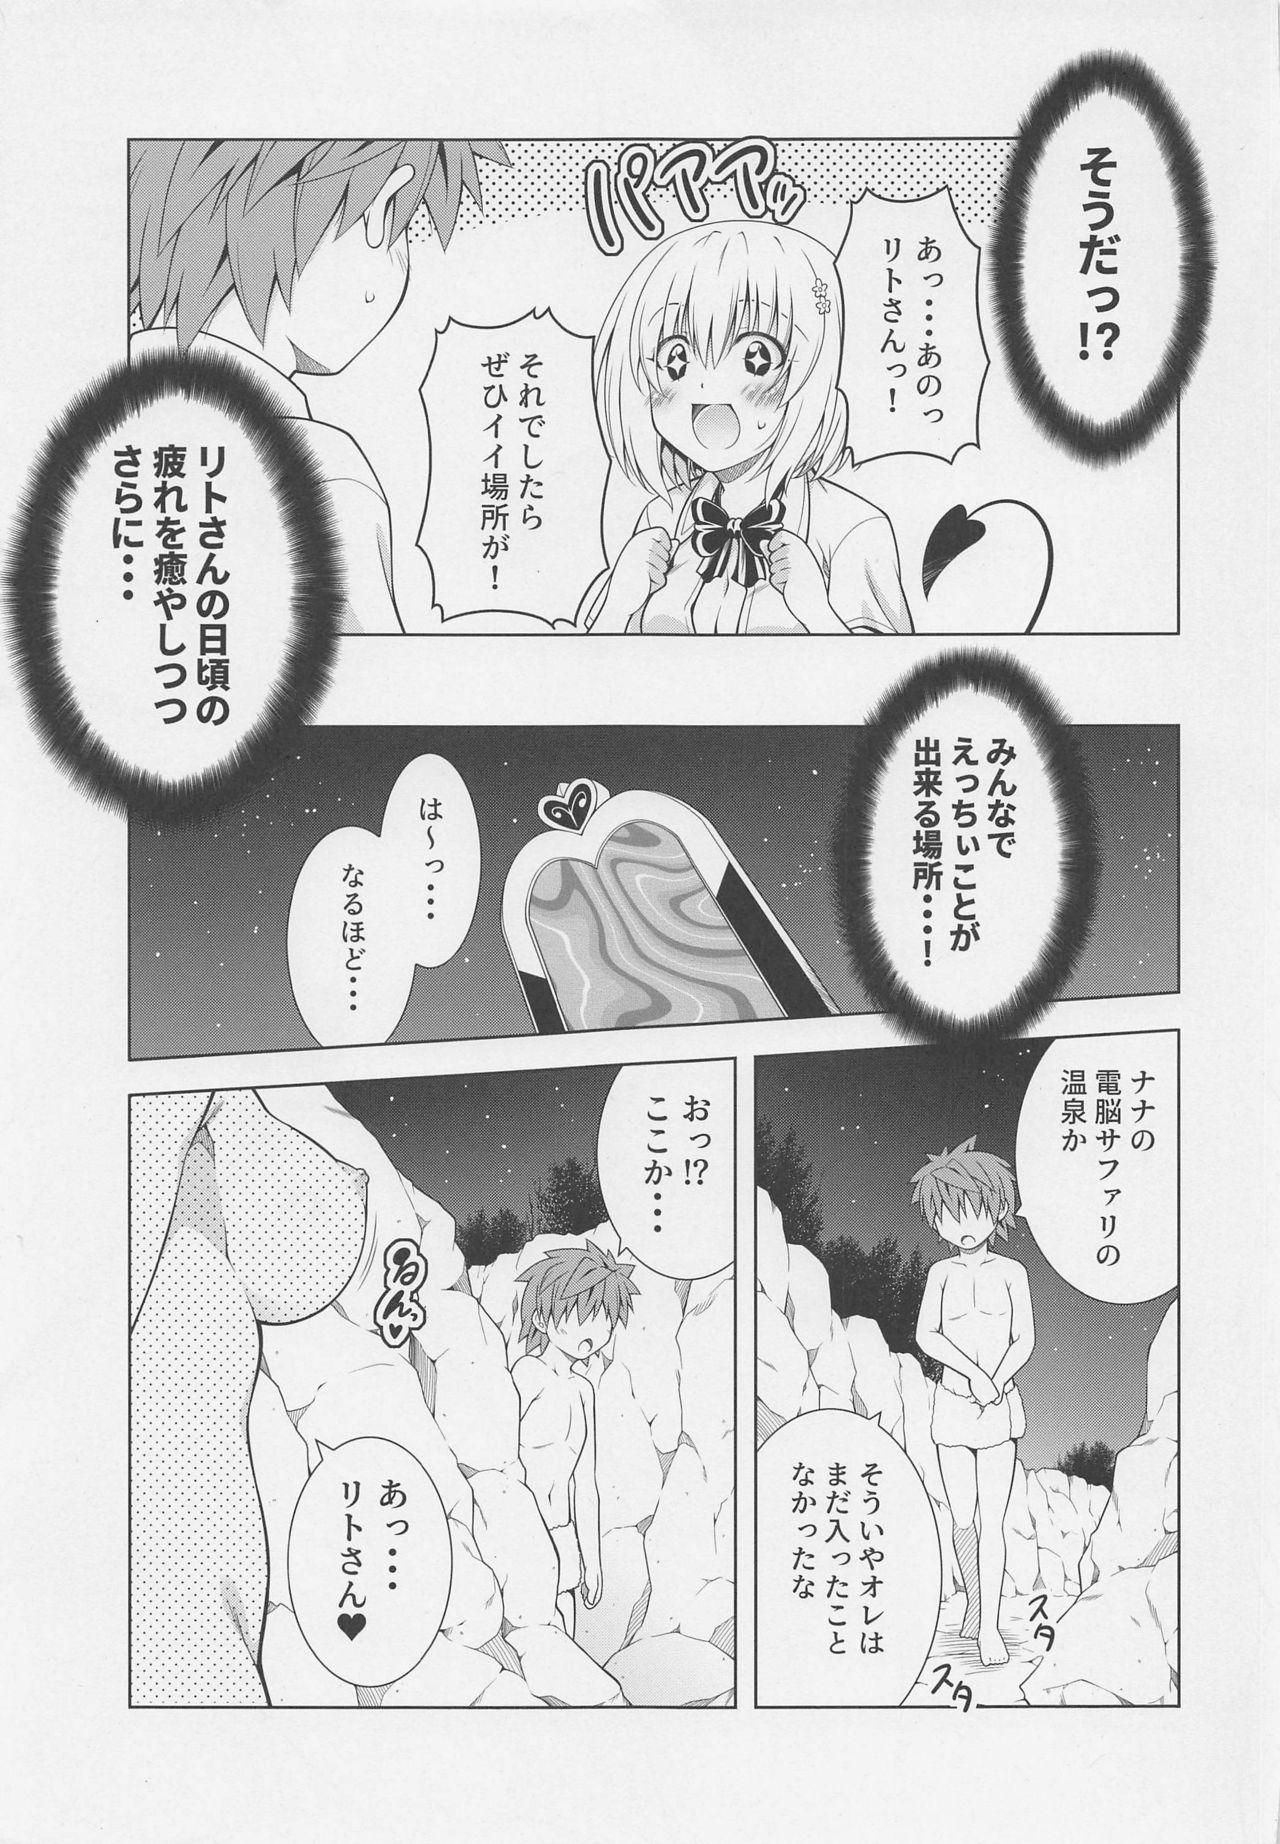 Rito-san no Harem Seikatsu 9 4